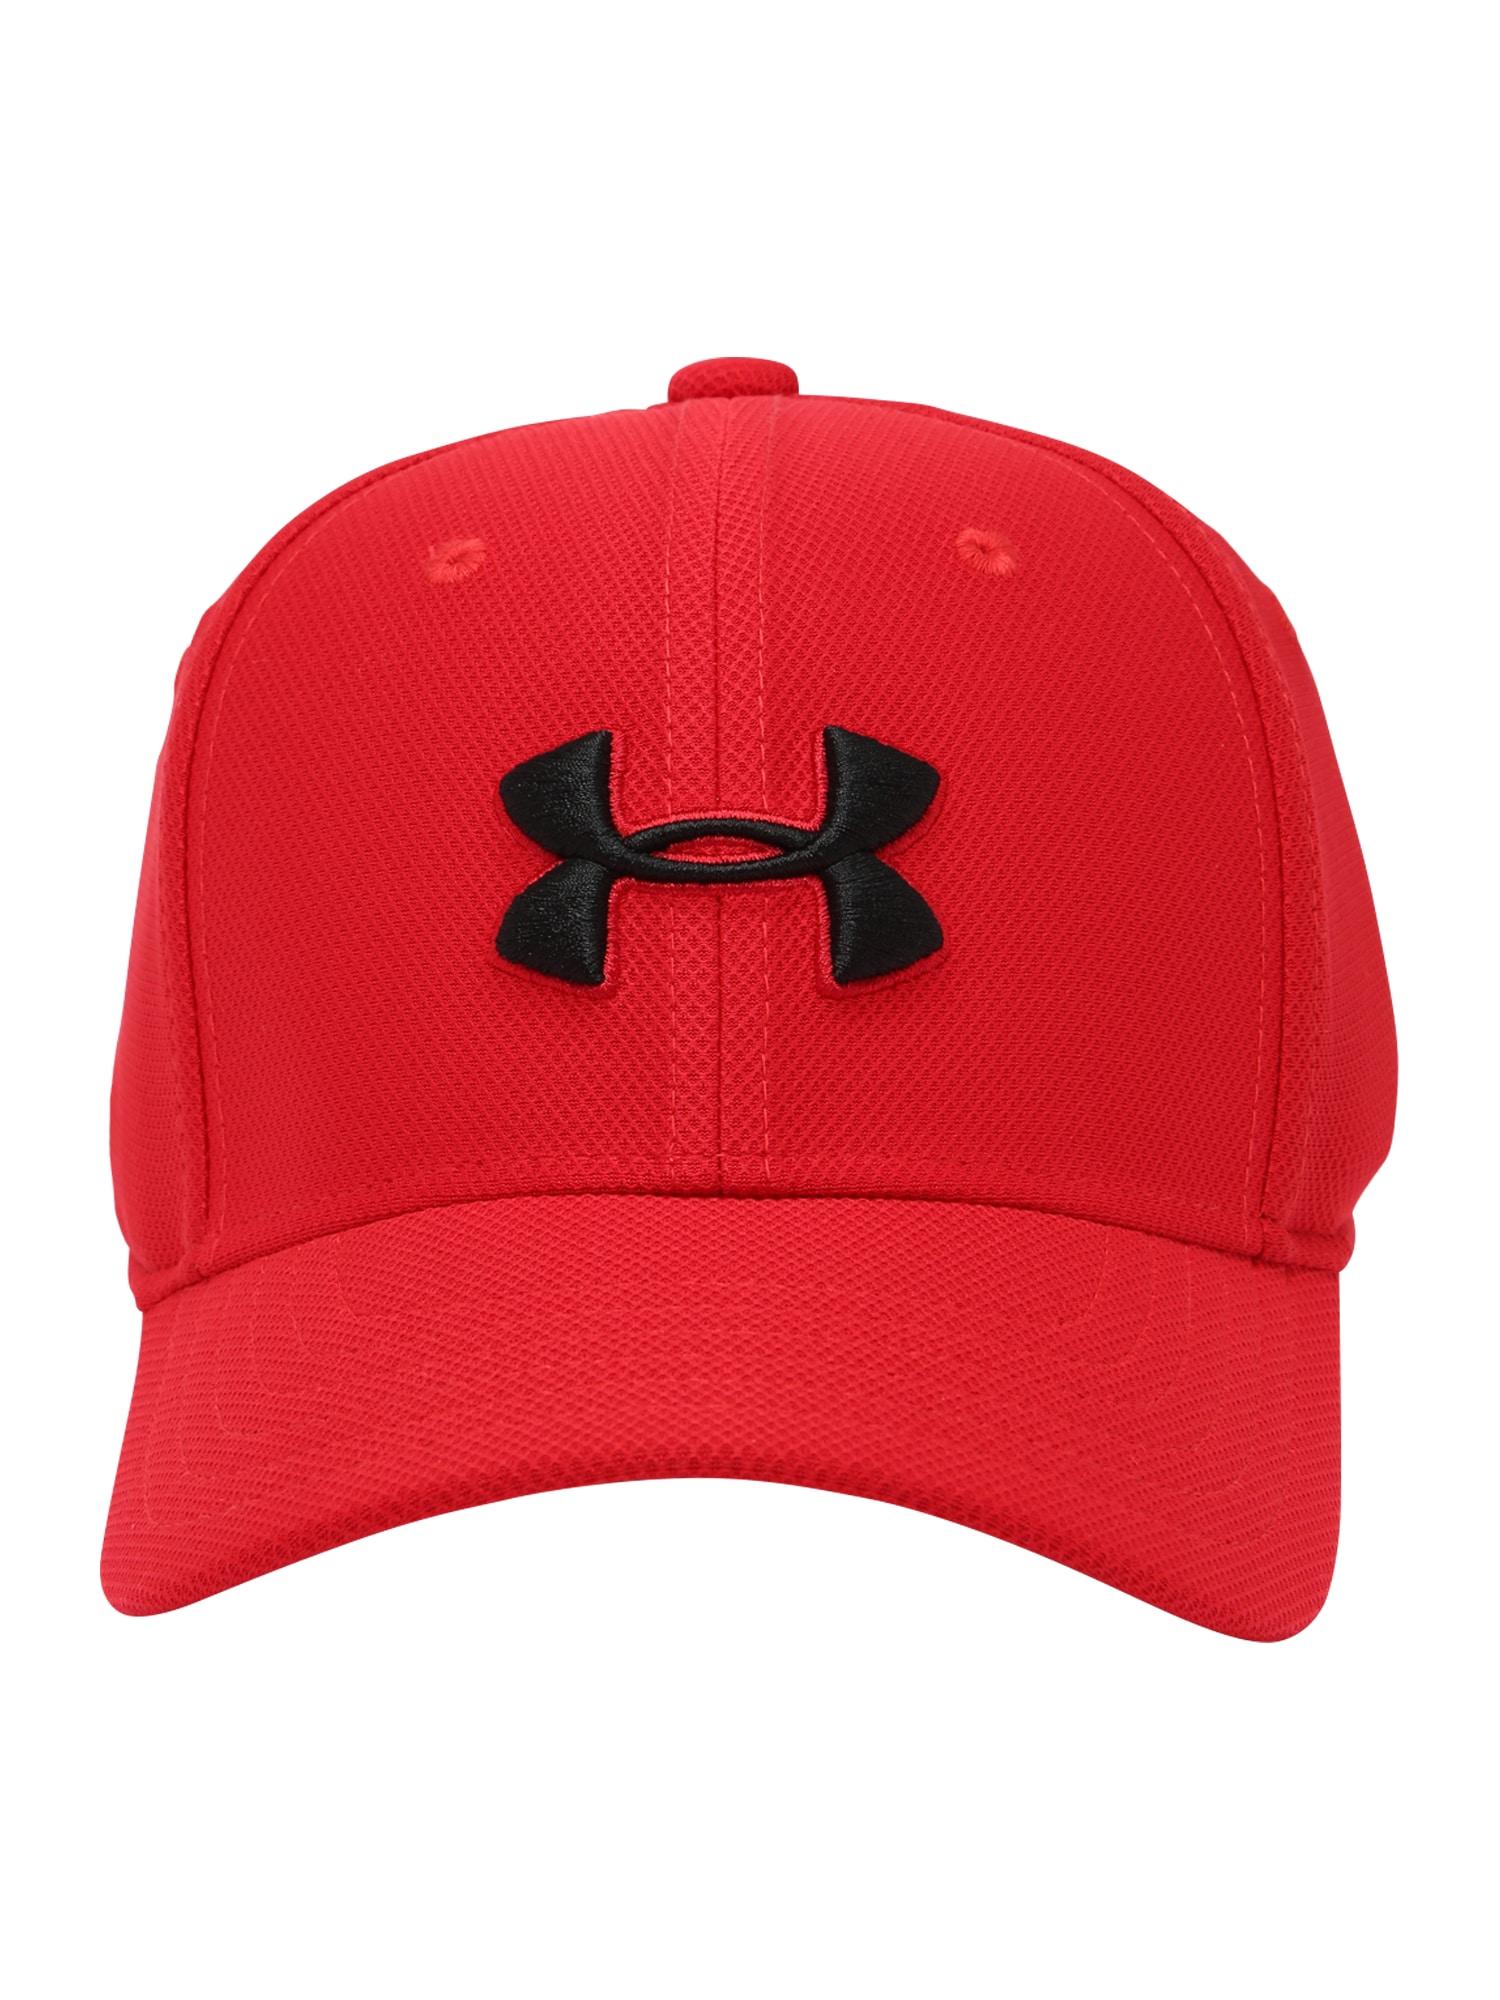 UNDER ARMOUR Sportinė kepurė 'Blitzing 3.0' raudona / juoda